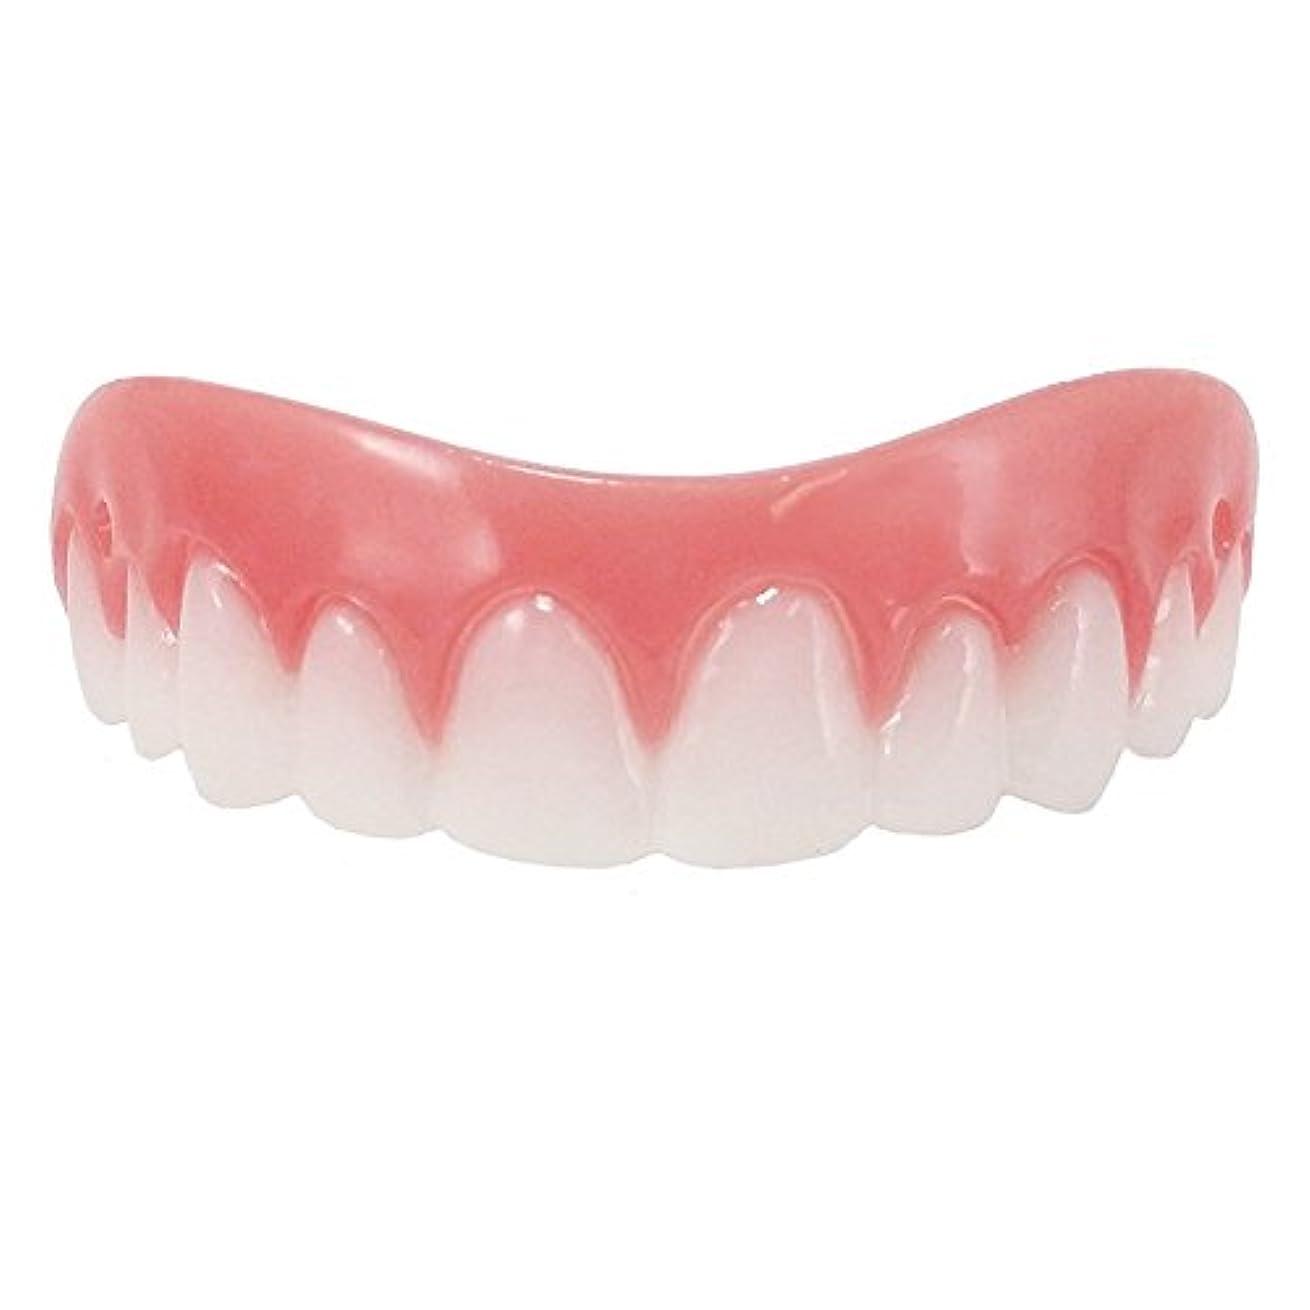 祝福する火山消すシリコン義歯ペースト 美容用 入れ歯 上歯 下歯2個セット (free size)